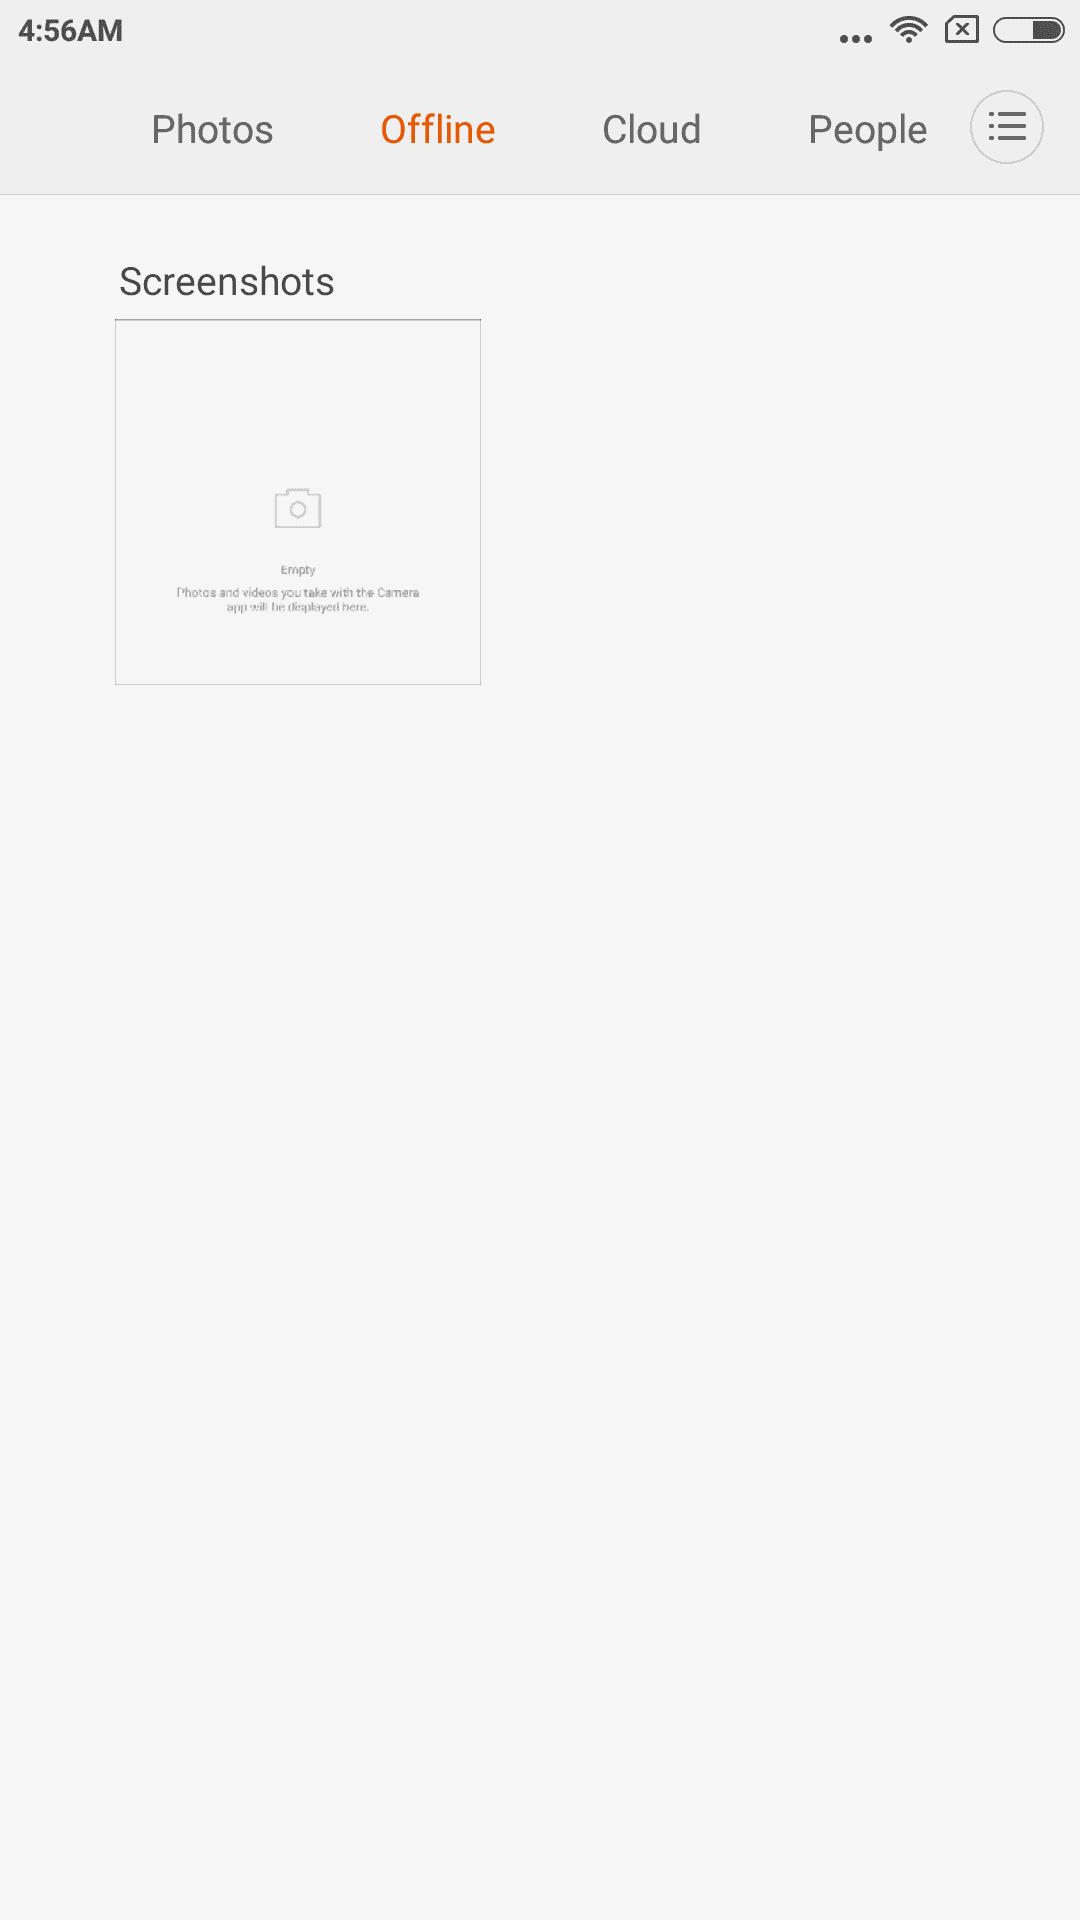 Screenshot 2016 04 10 04 56 06 com.miui .gallery